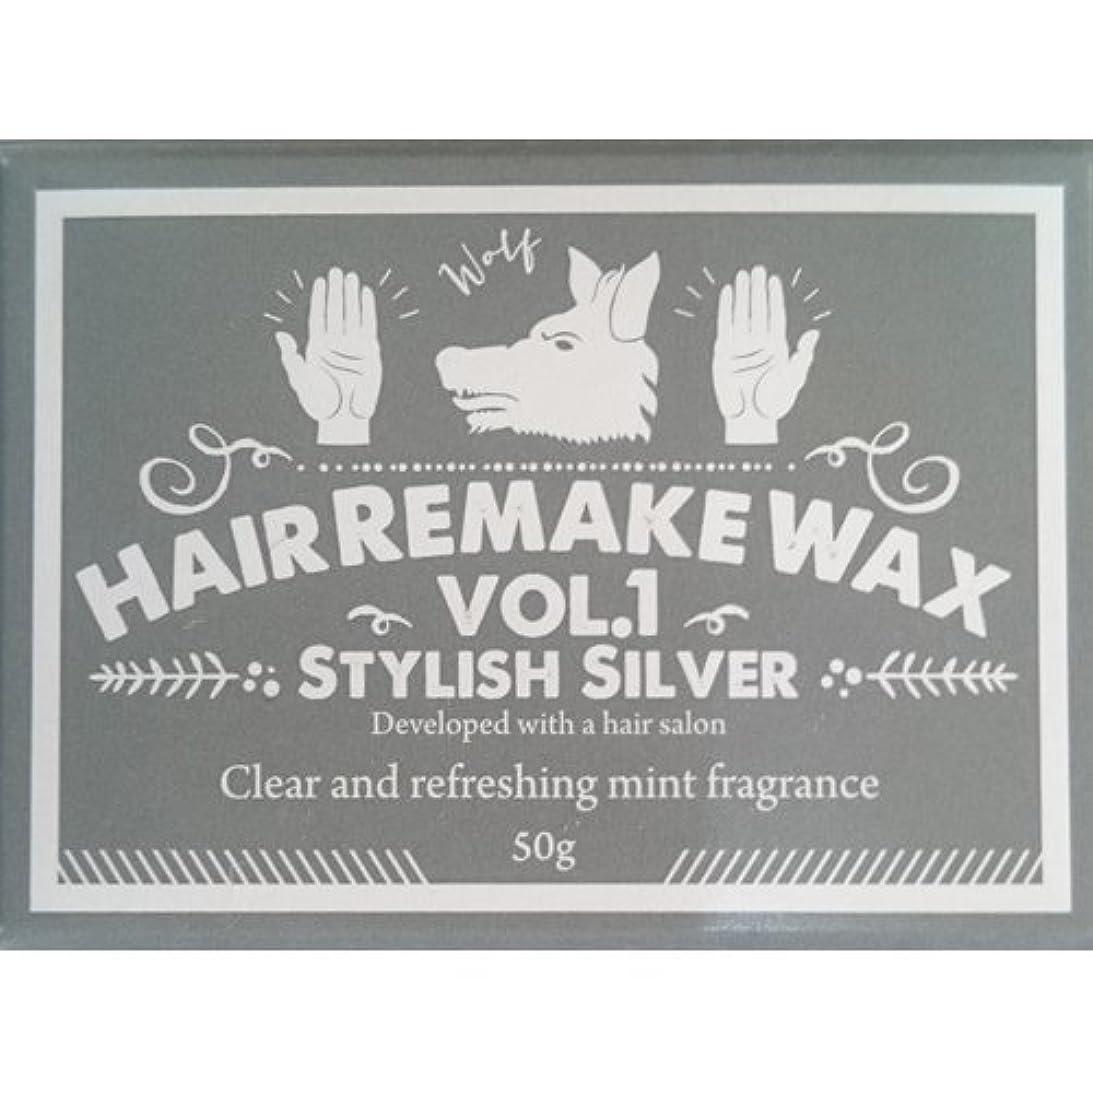 忍耐話をする征服するパーティー 変装 銀髪用 Hair Remake(ヘアーリメイクワックス)WAX Vol.1 スタイリッシュシルバー 50g